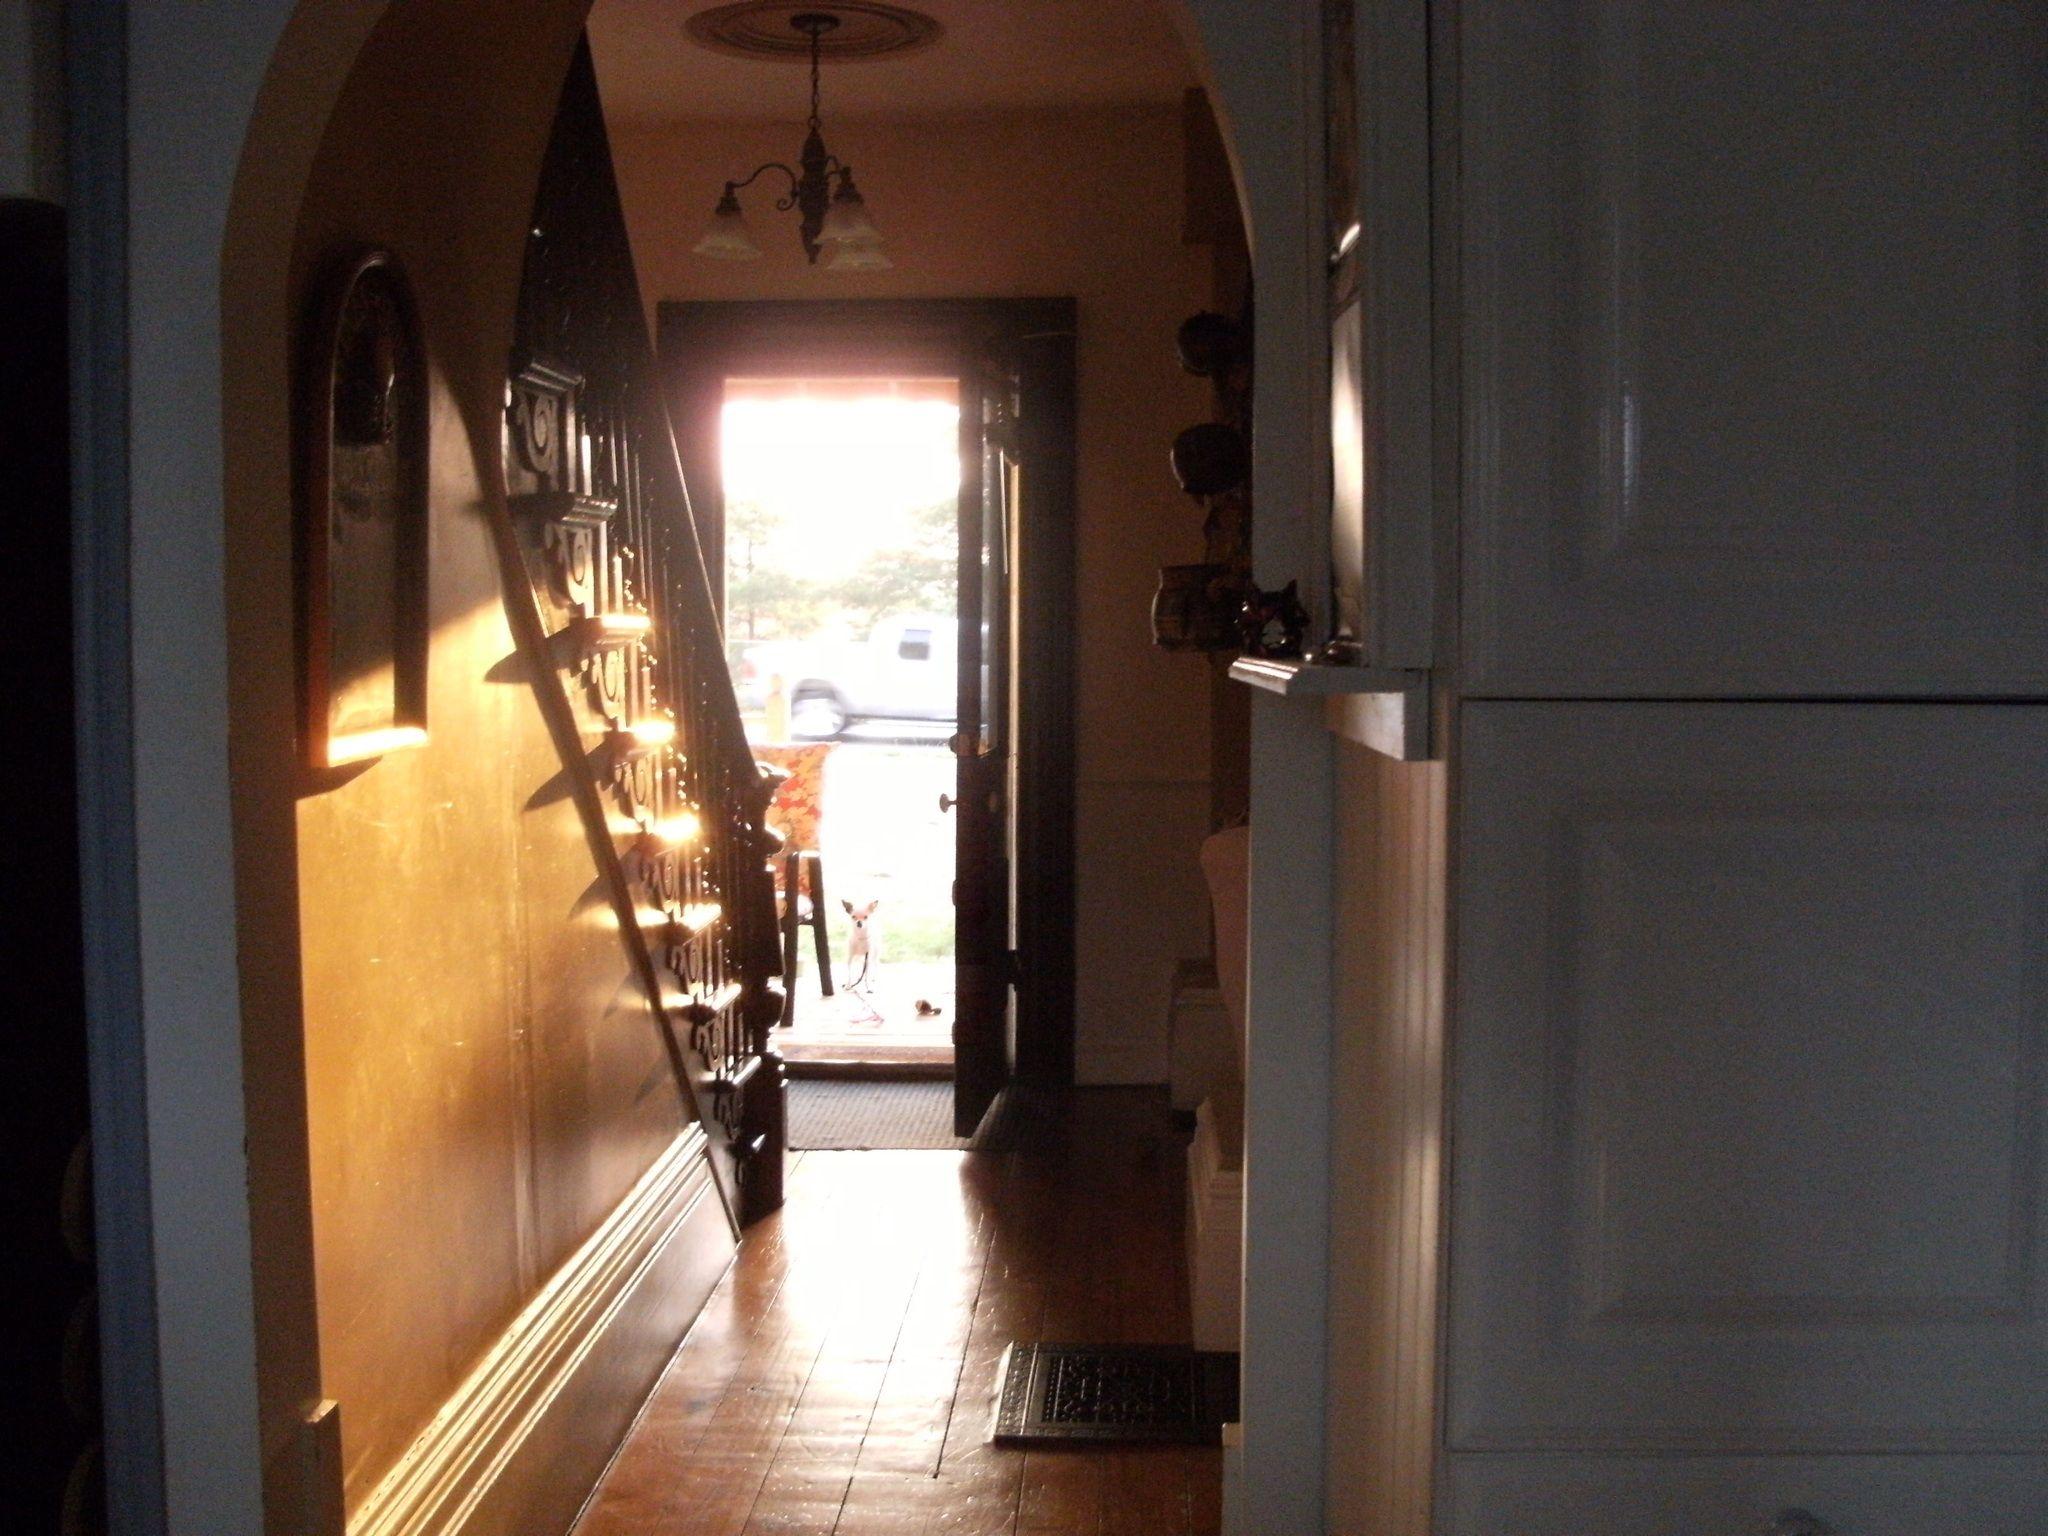 When a door opens...